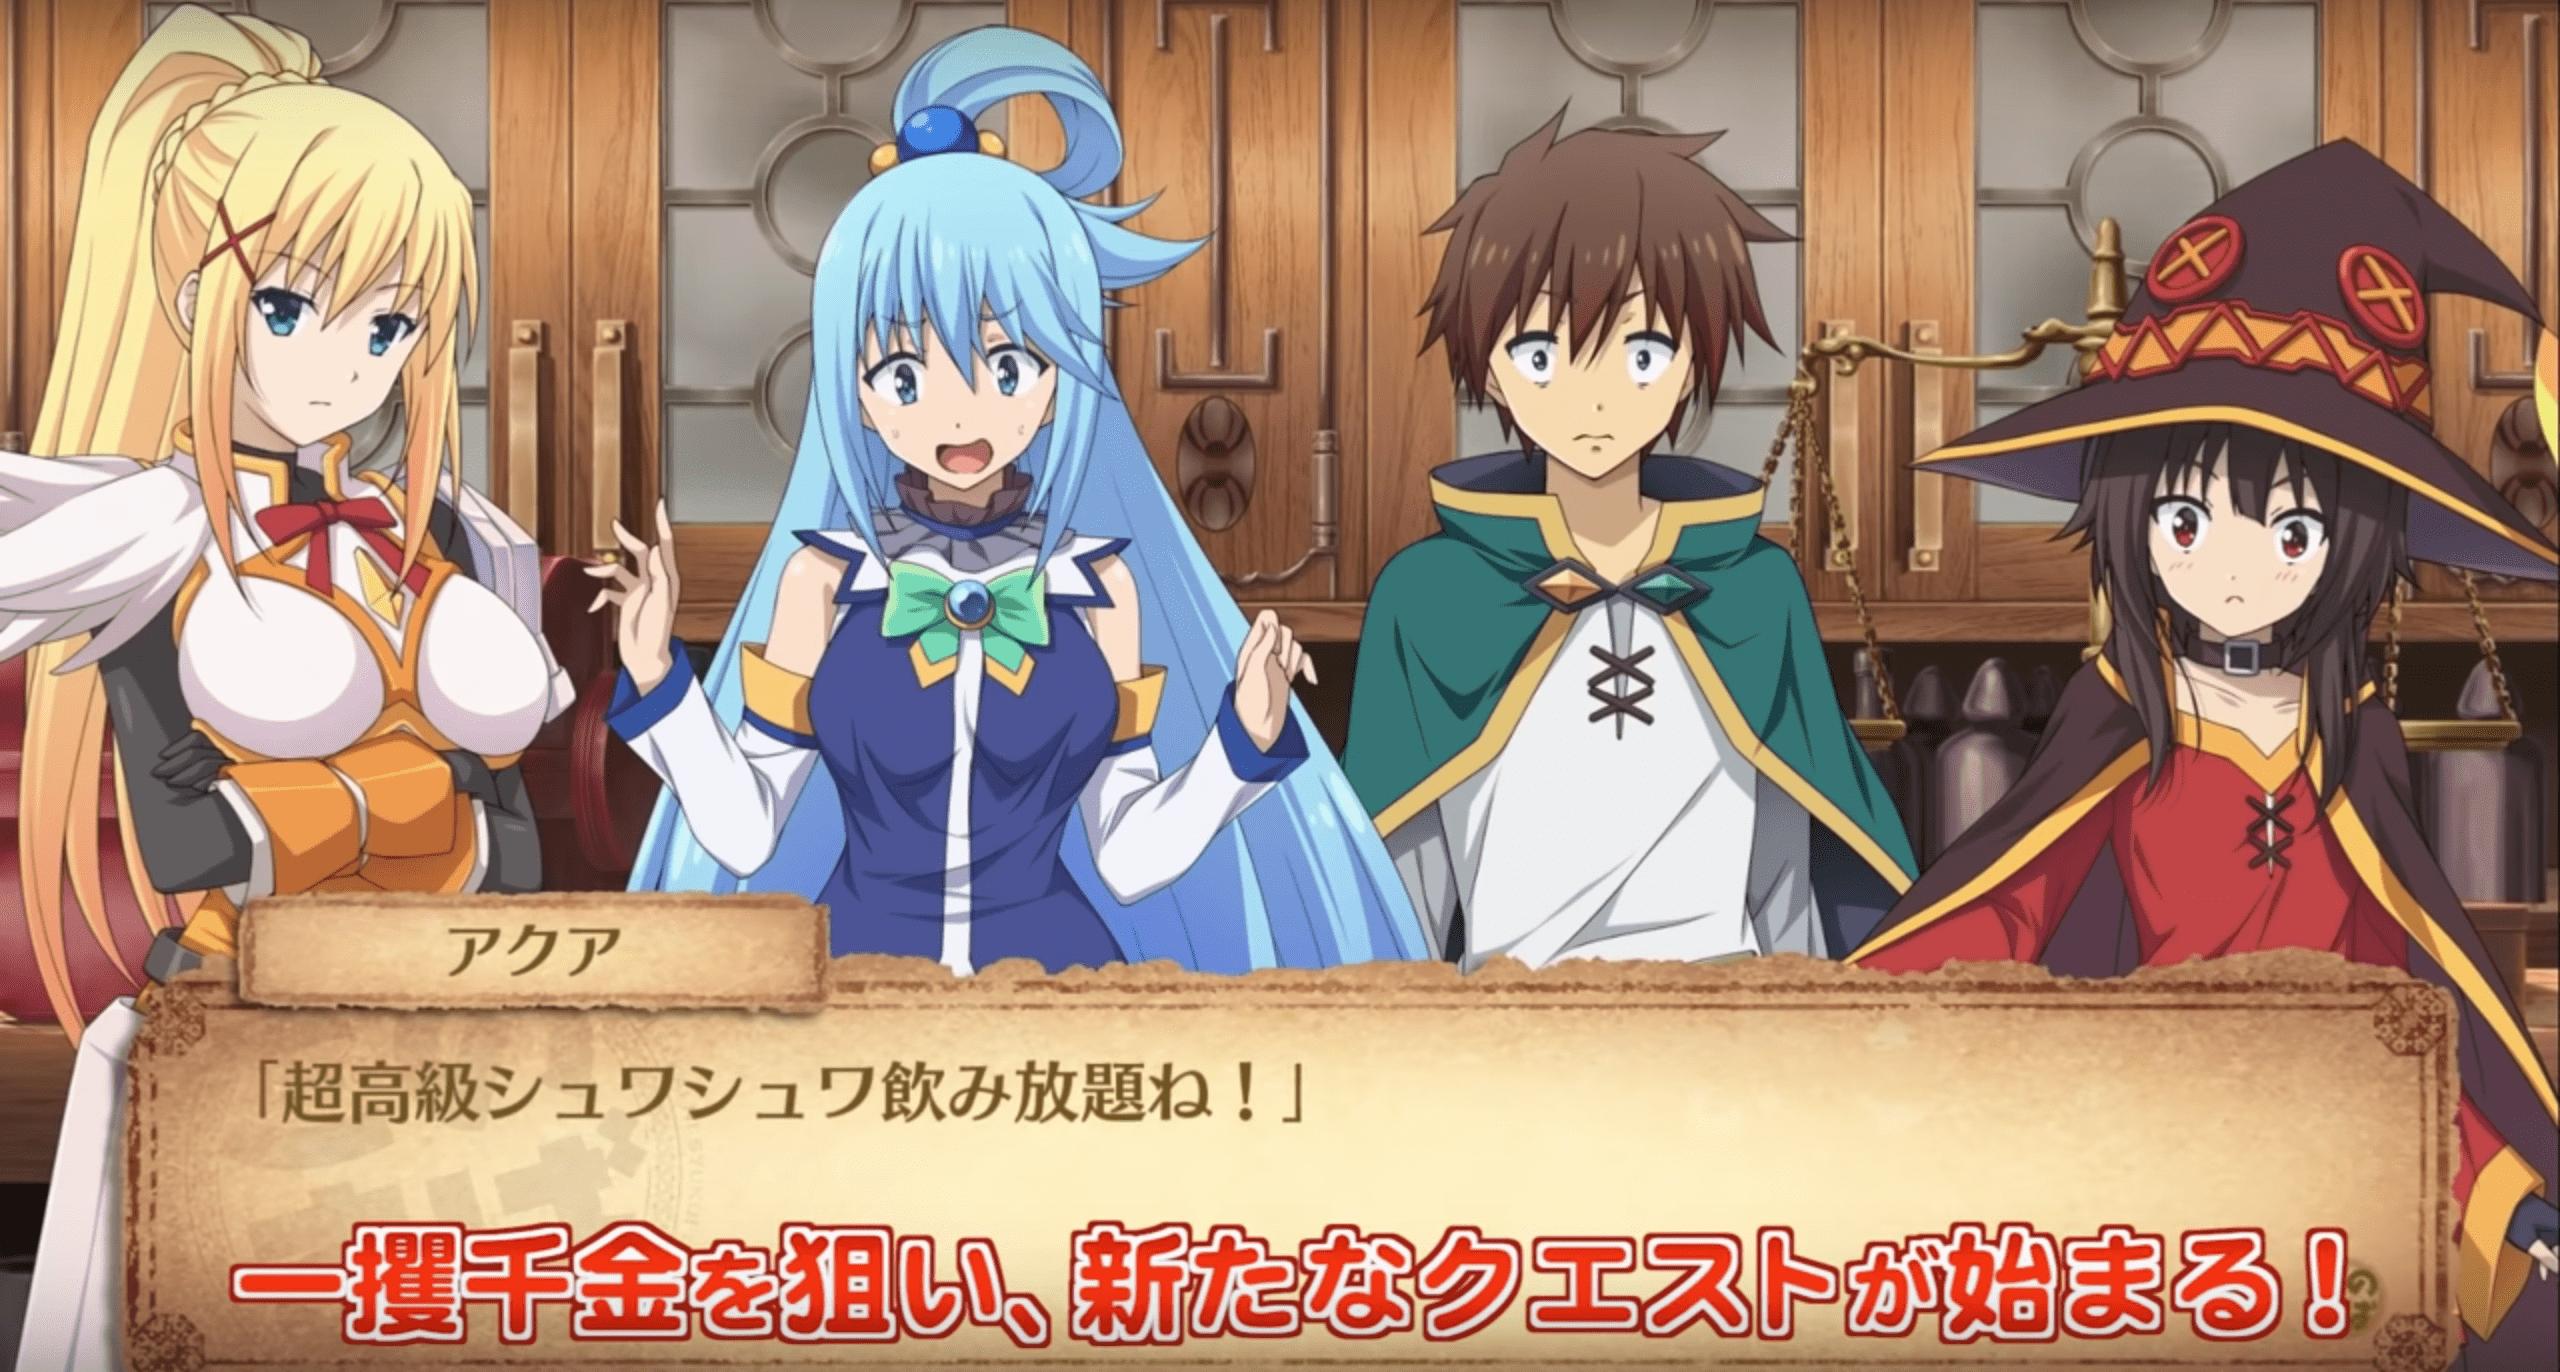 Konosuba RPG Screen